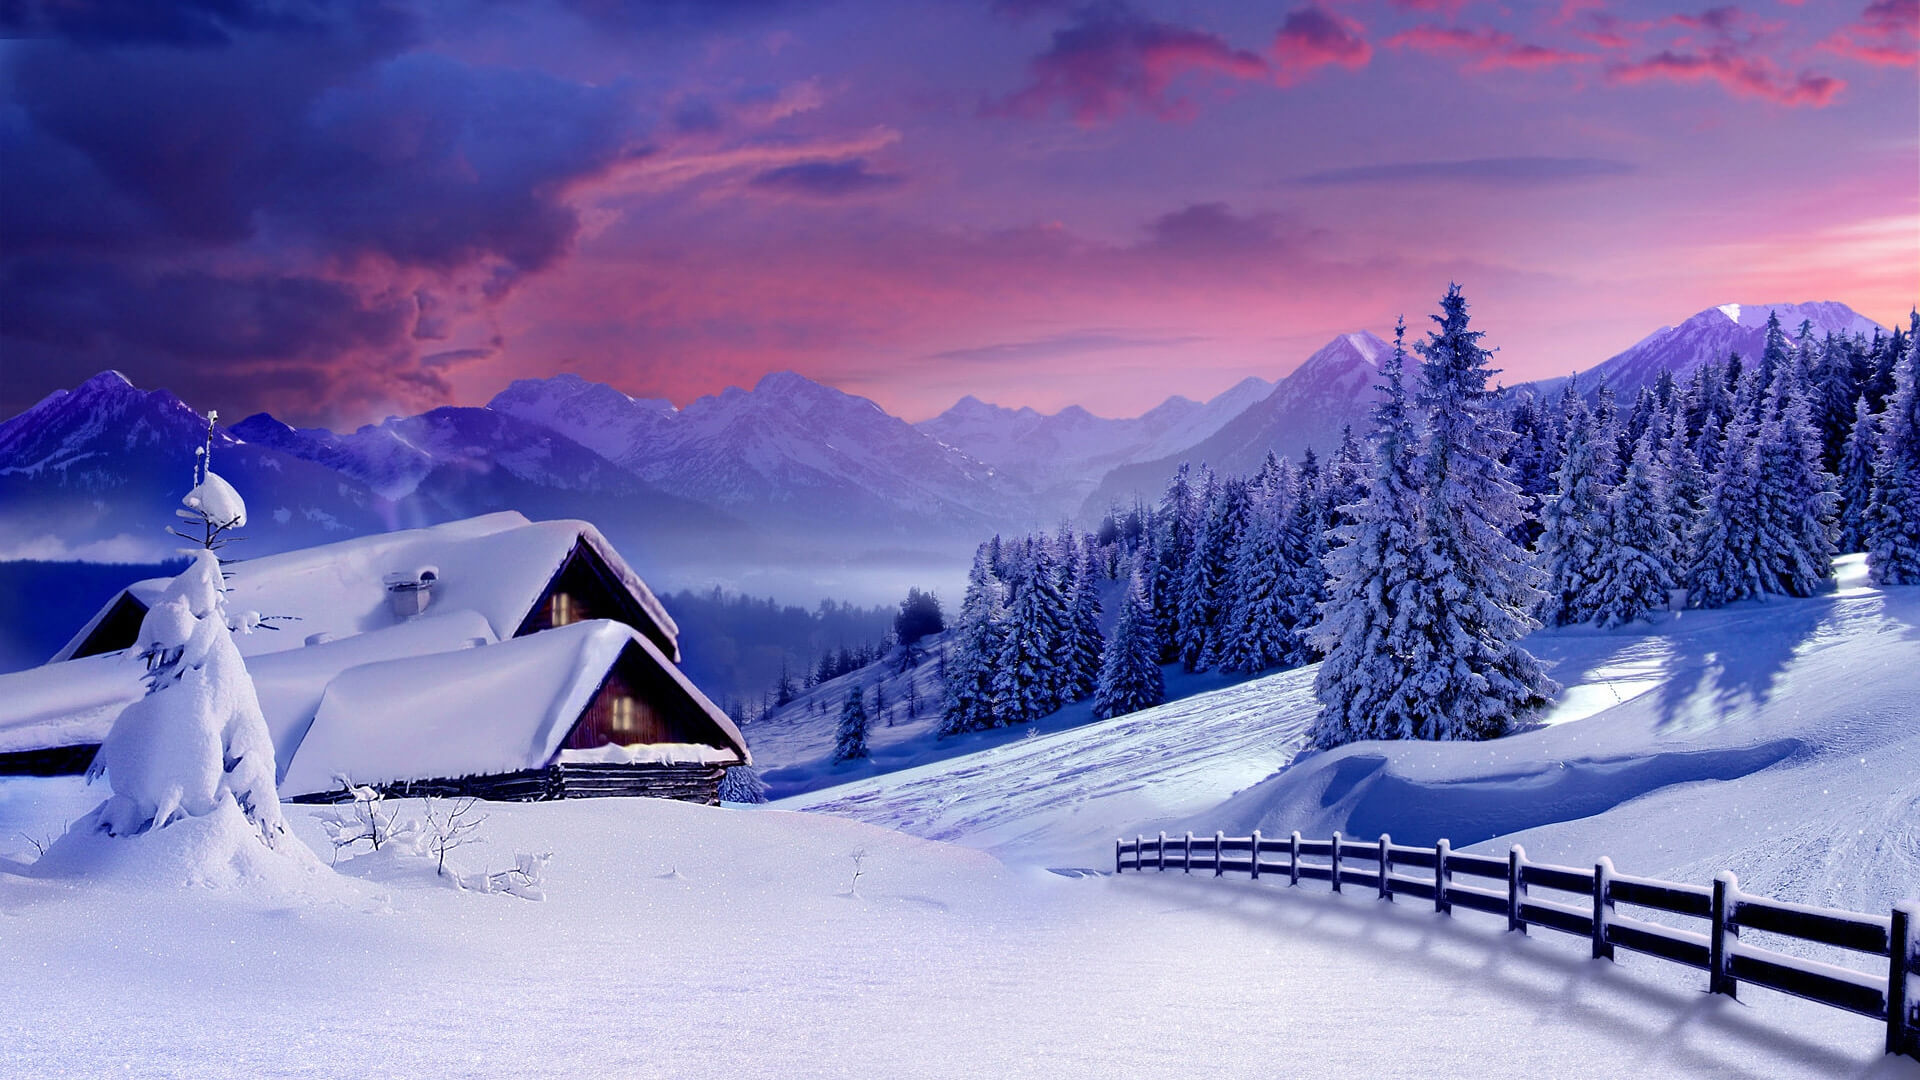 Зимнее настроение - фото и картинки красивые, приятные 7